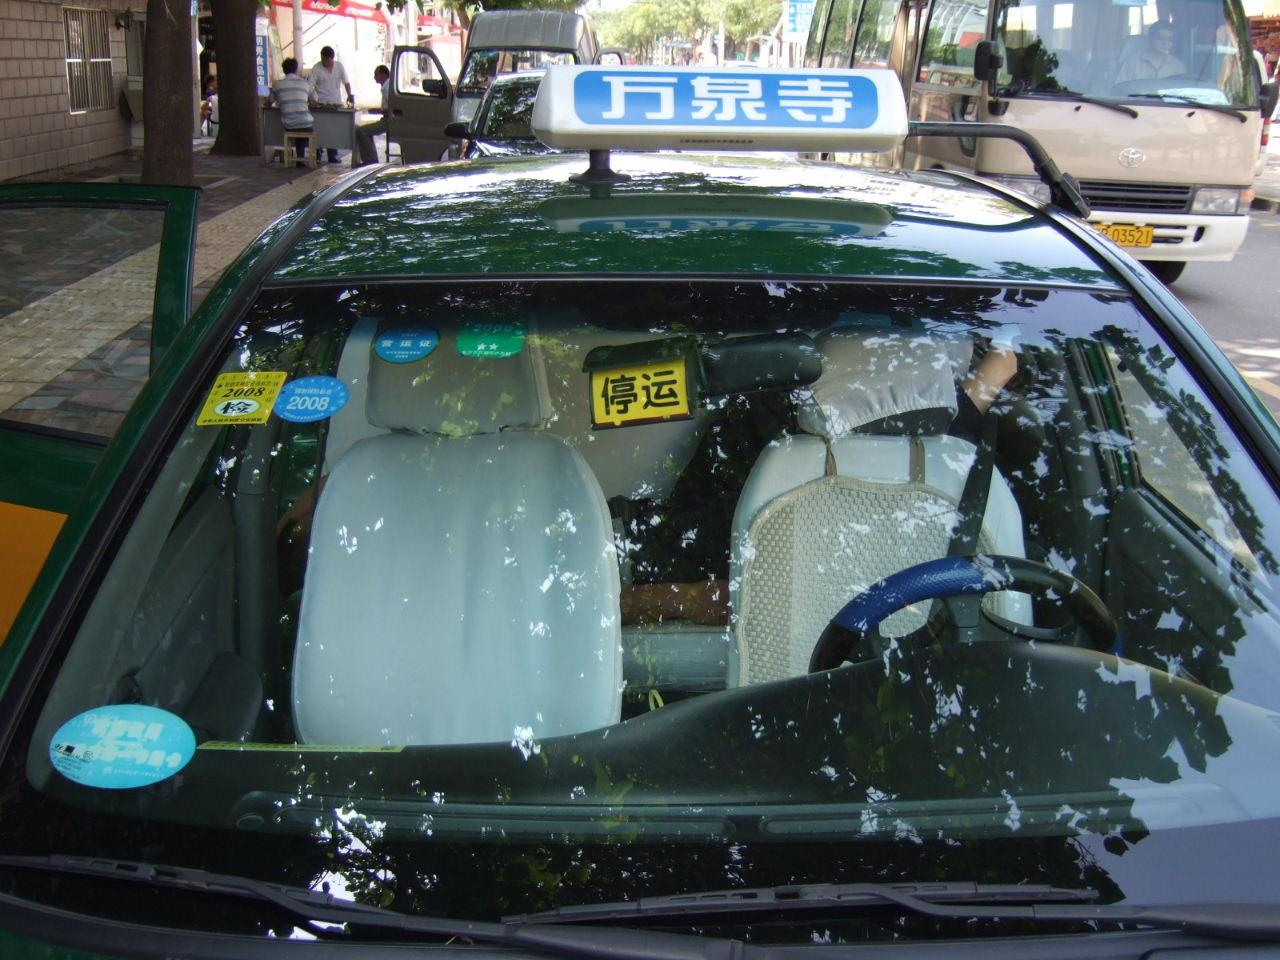 先農壇タクシー停車